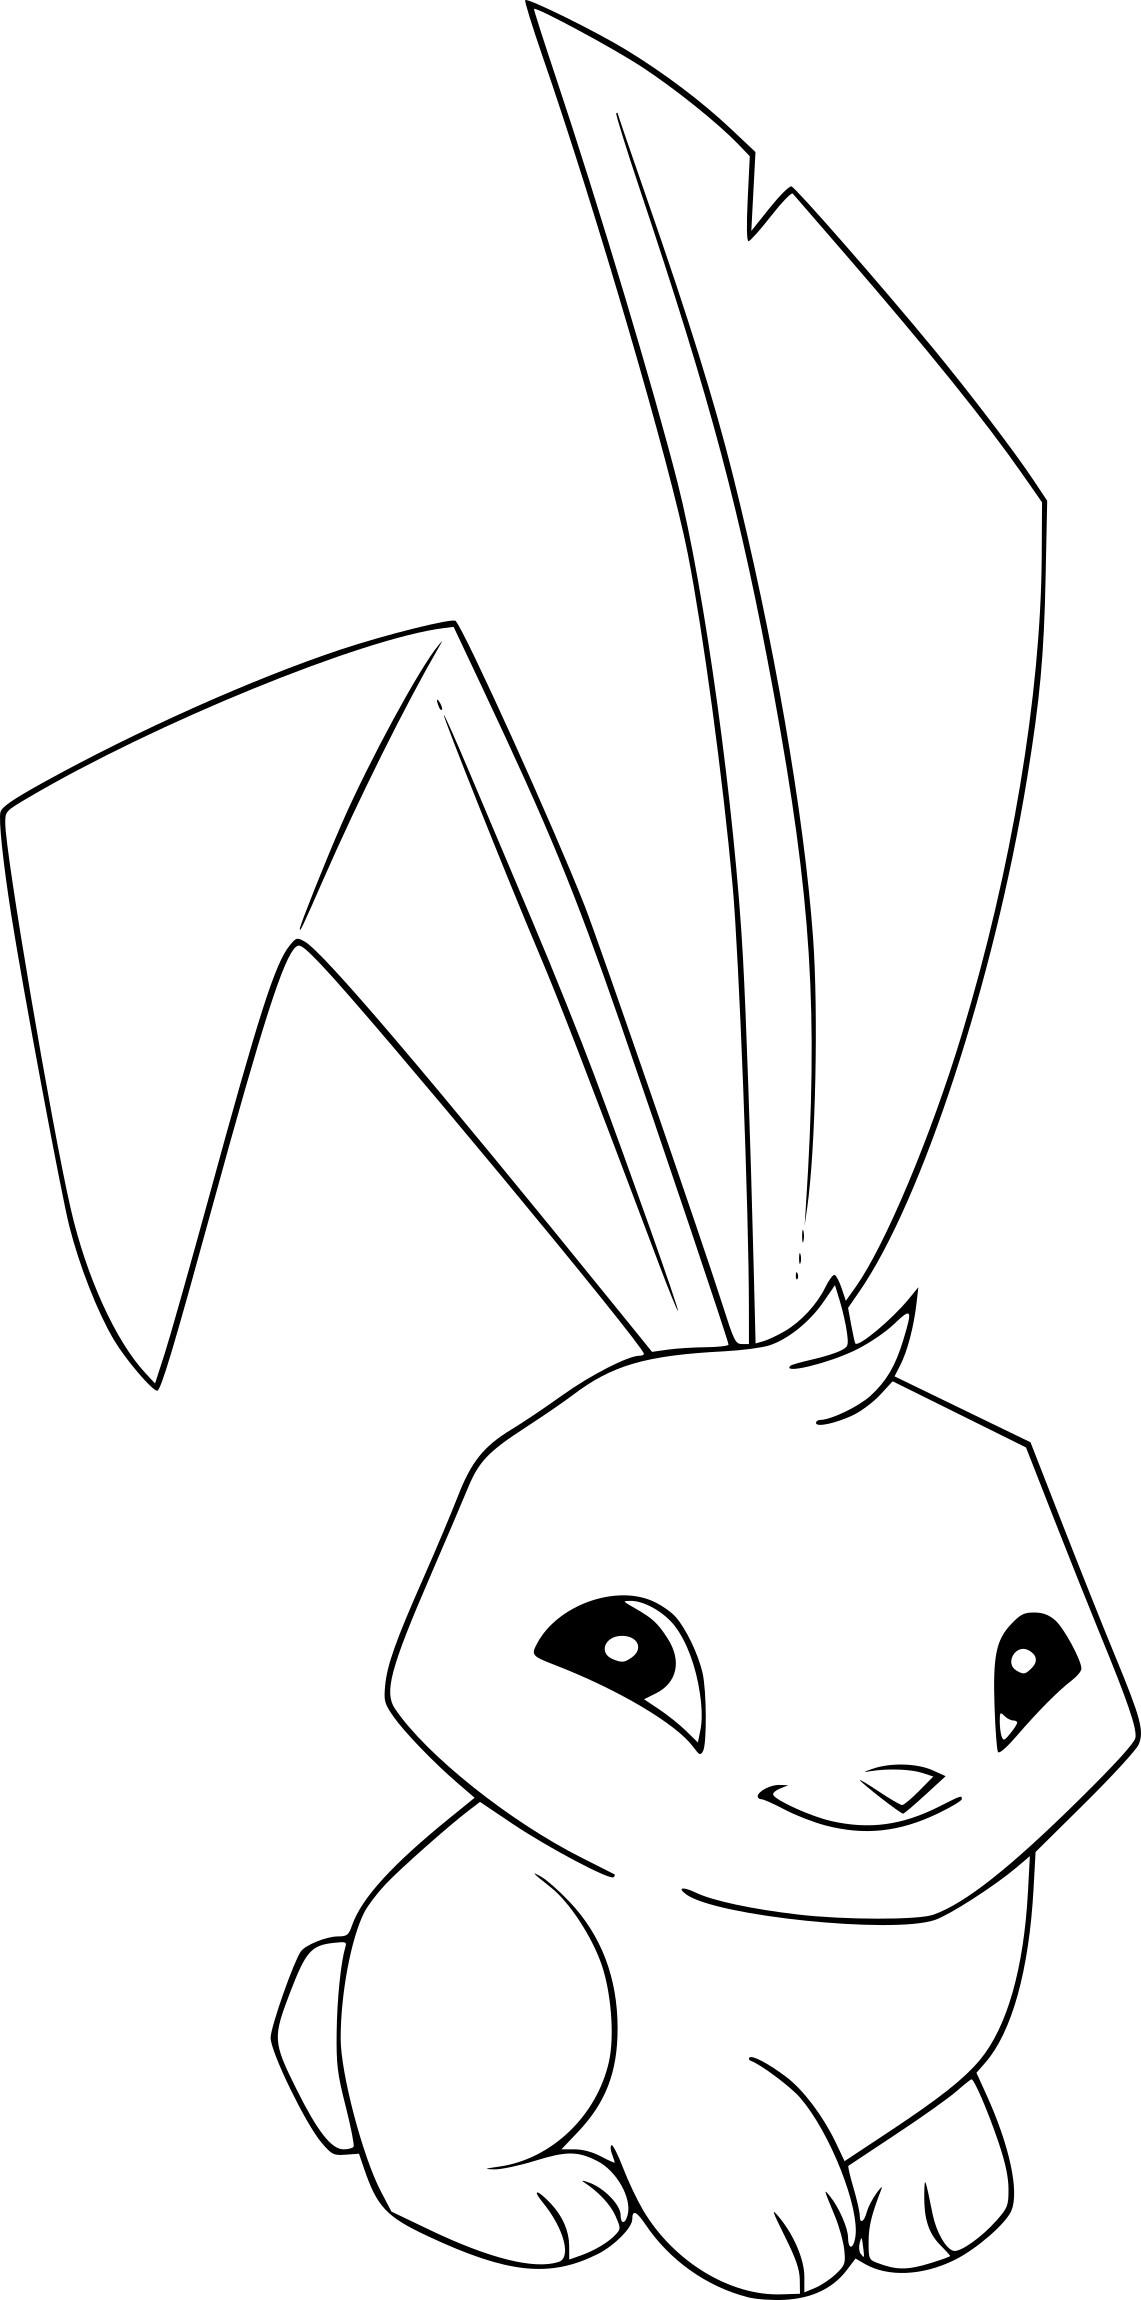 Coloriage lapin Animal Jam